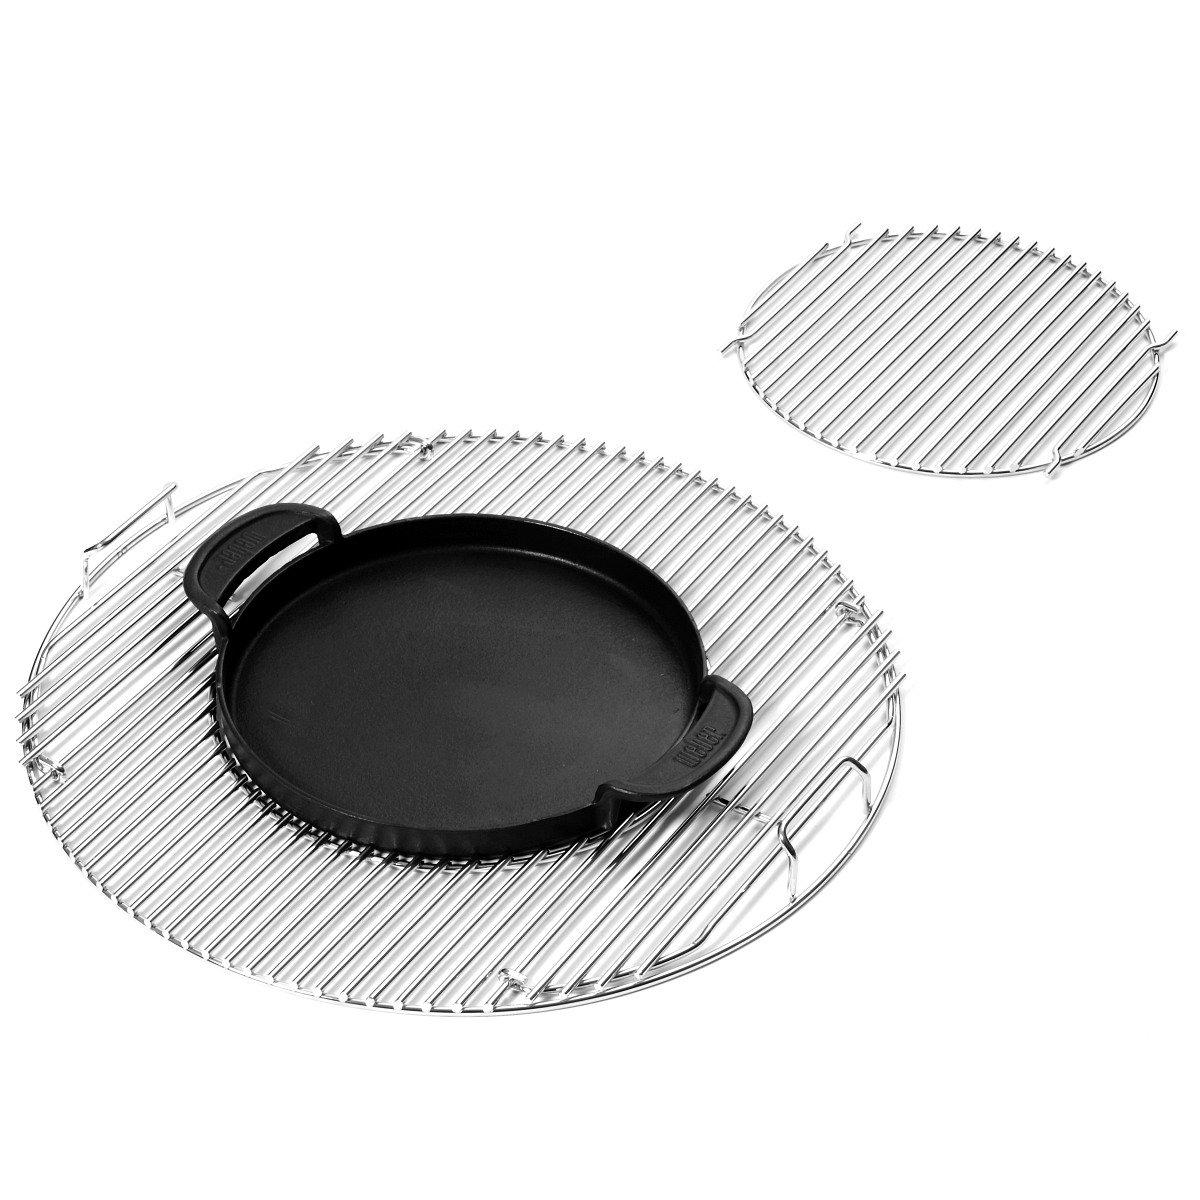 Weber 8833 Gourmet BBQ System Griddle Set